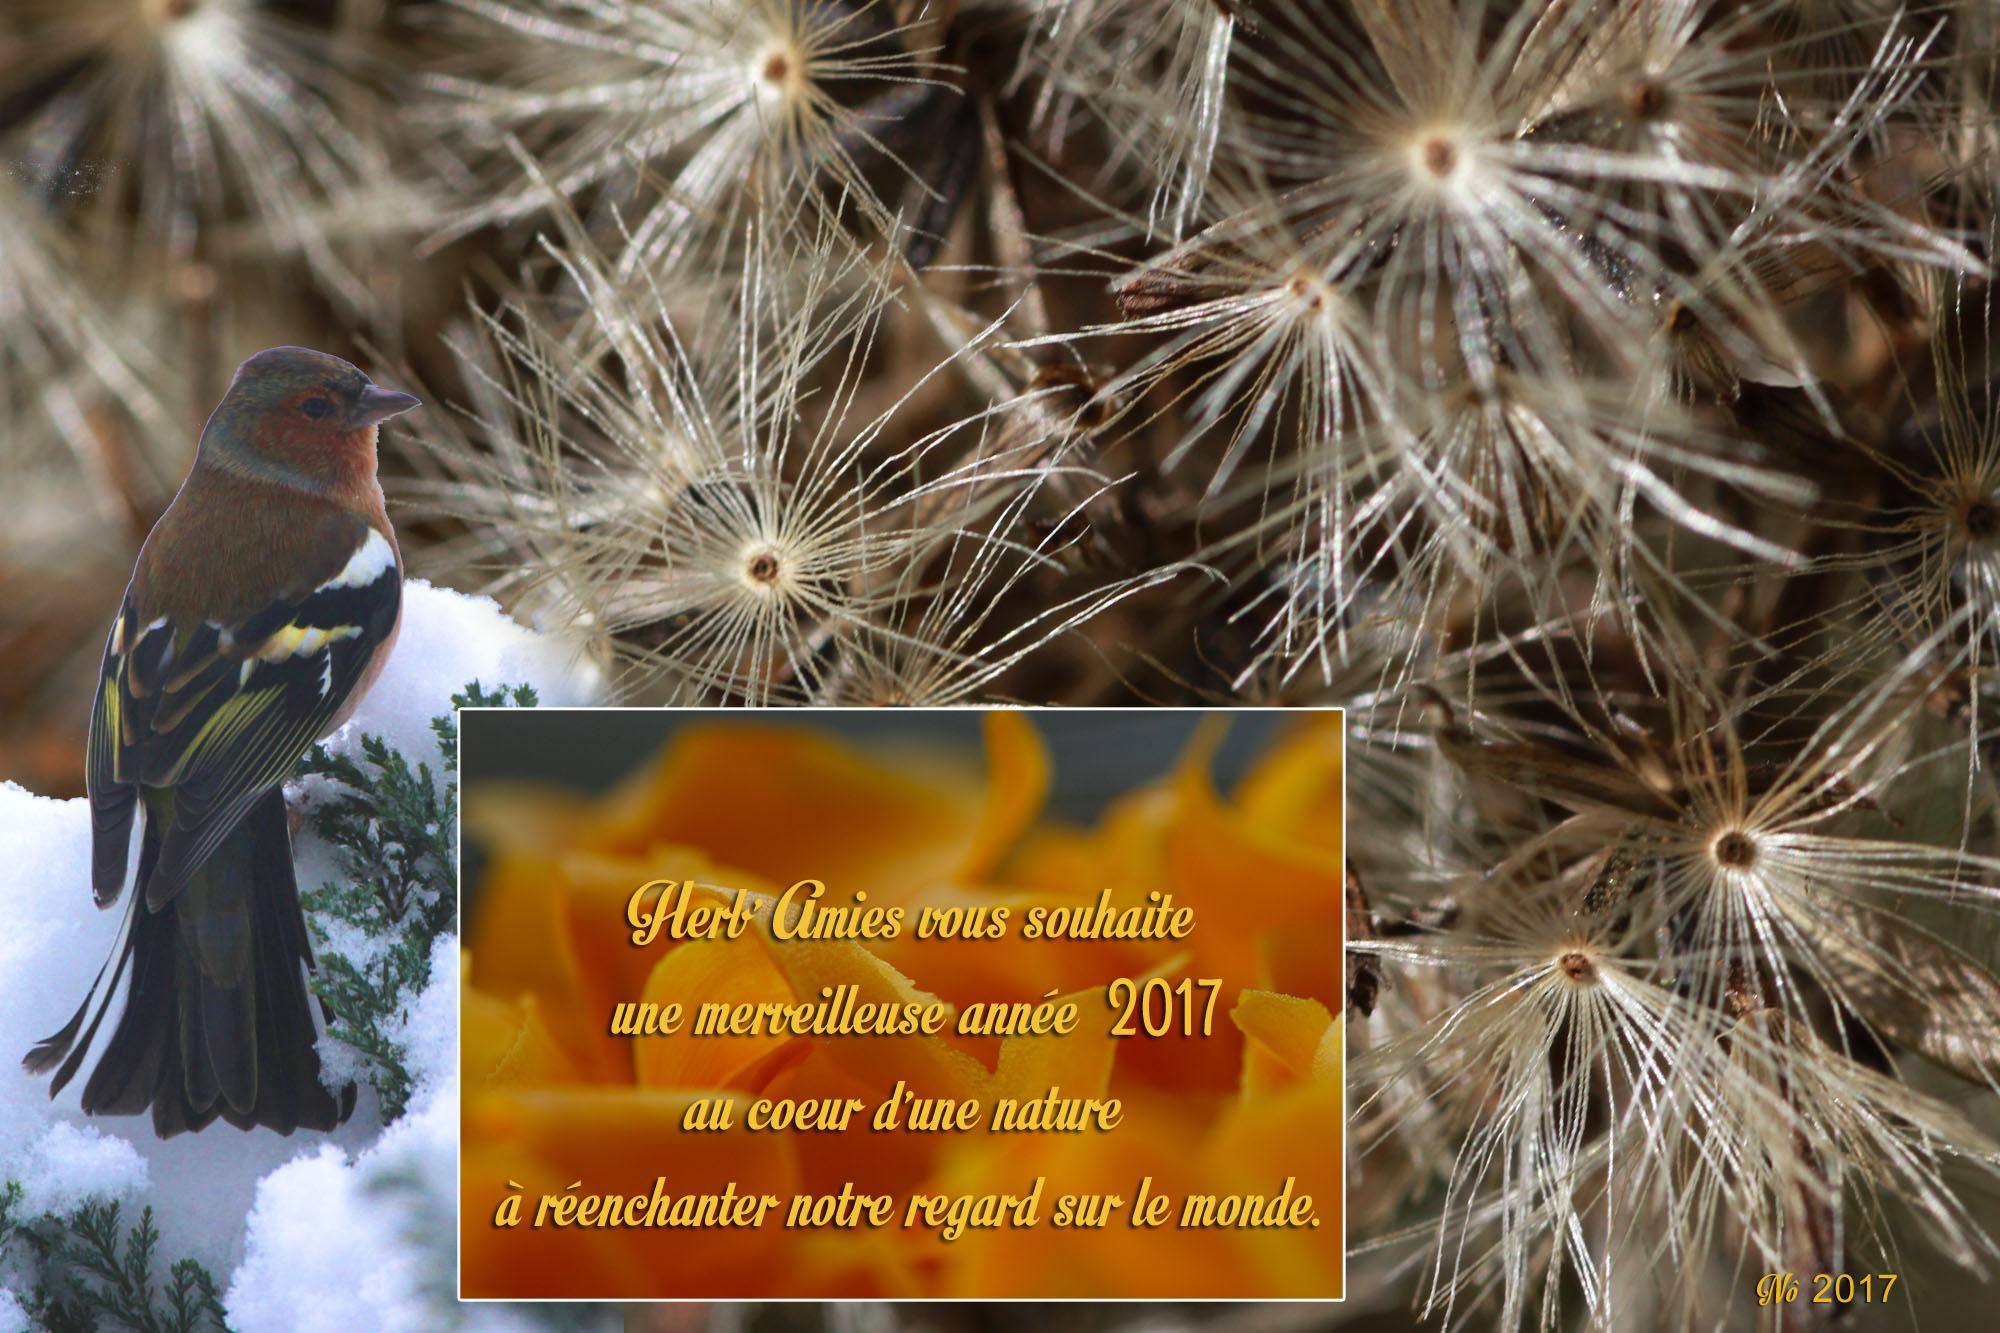 Herb'Amies vous souhaite une merverveille année 2017 au coeur d'une nature à réenchanter notre regard sur le monde .